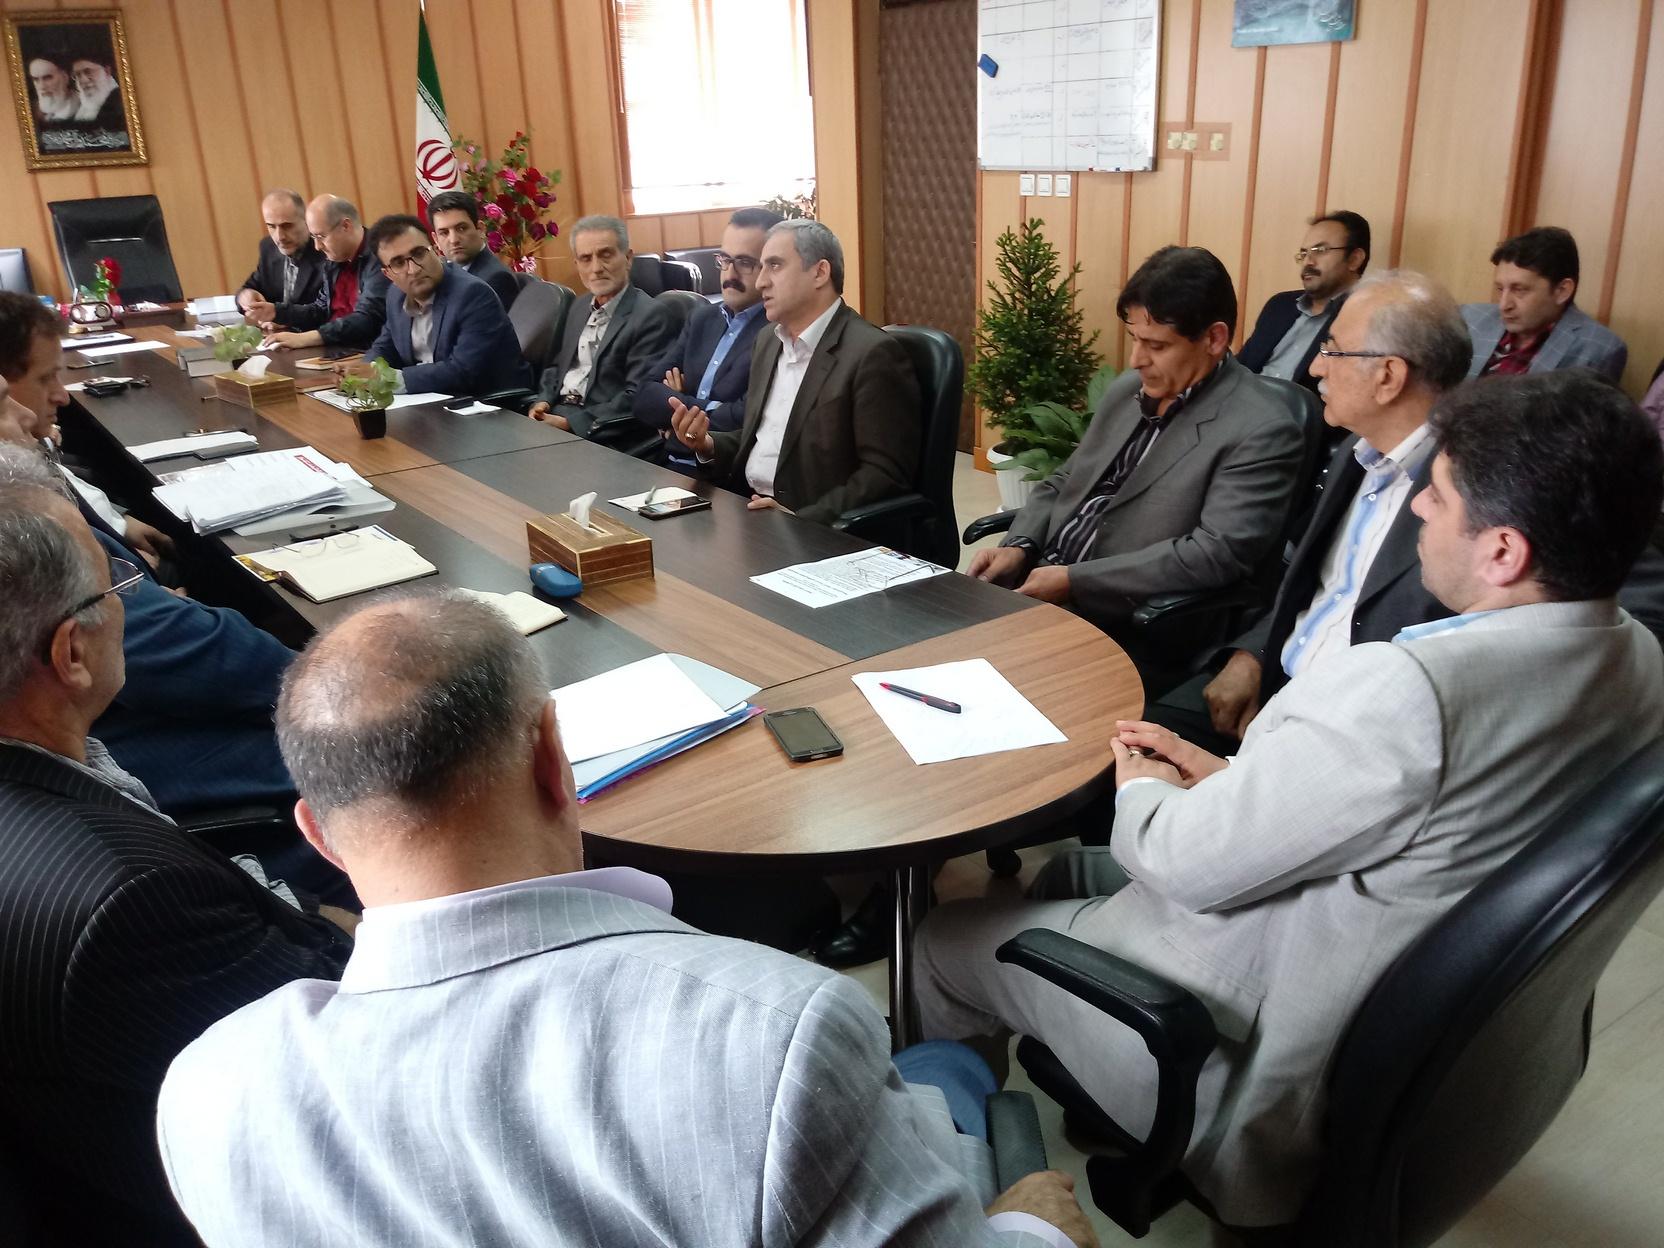 در نشست با مدیران واحدهای صنعتی وتجاری استان مطرح شد:  استراتژی کلان بر حمایت از تولیدات صادرات محور و دانش بنیان است